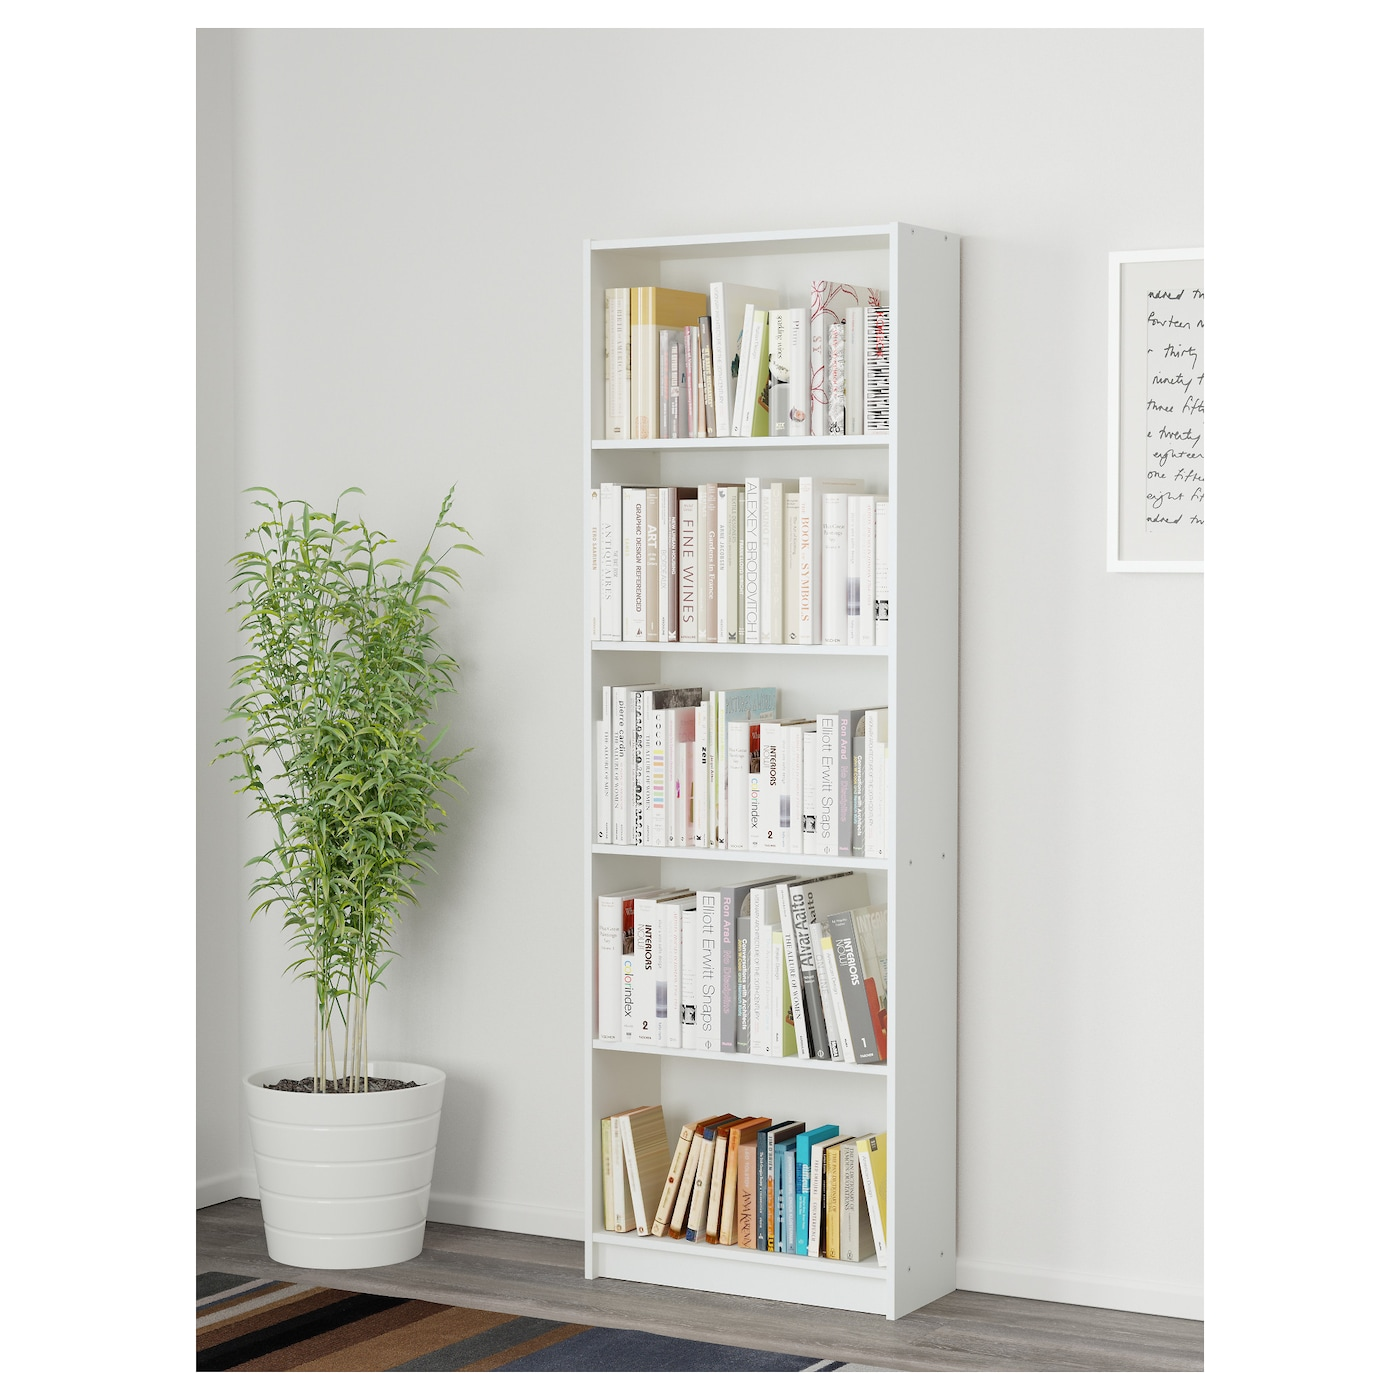 GERSBY Bücherregal klassisch, weiß & besonders günstig